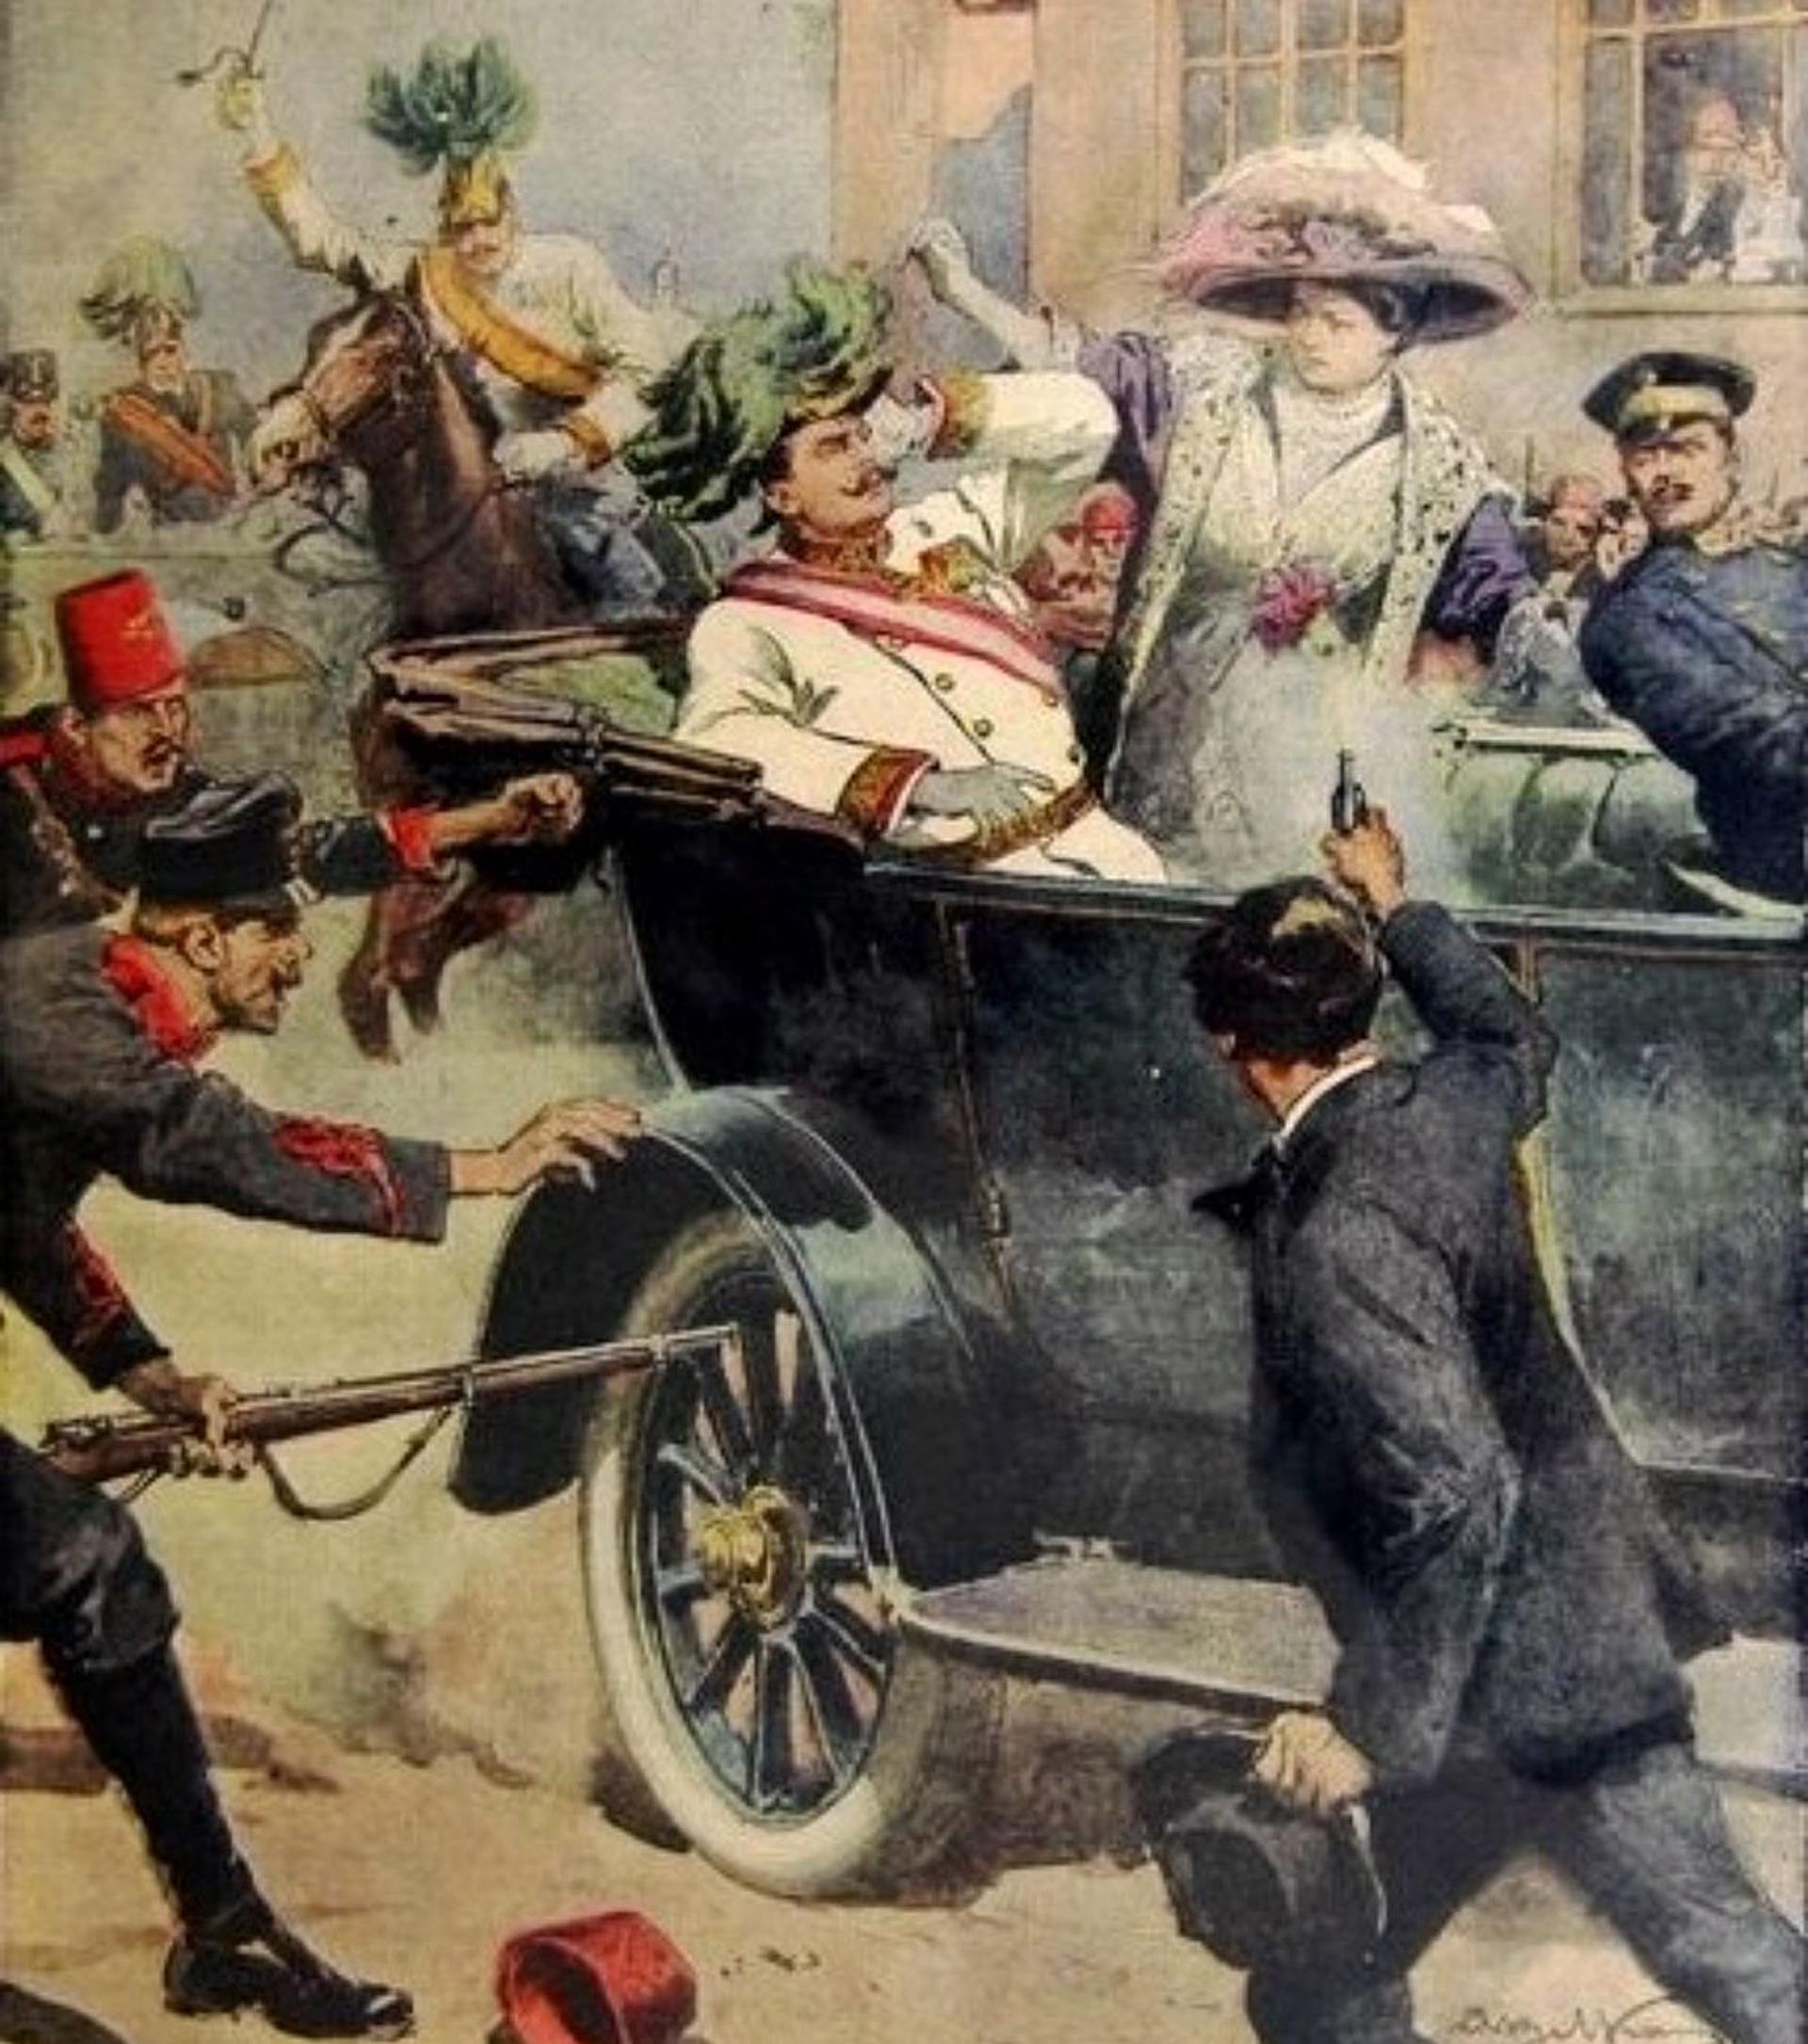 Representación pictórica del asesinato del archiduque Francisco Fernando y su esposa Sofía, en 1914